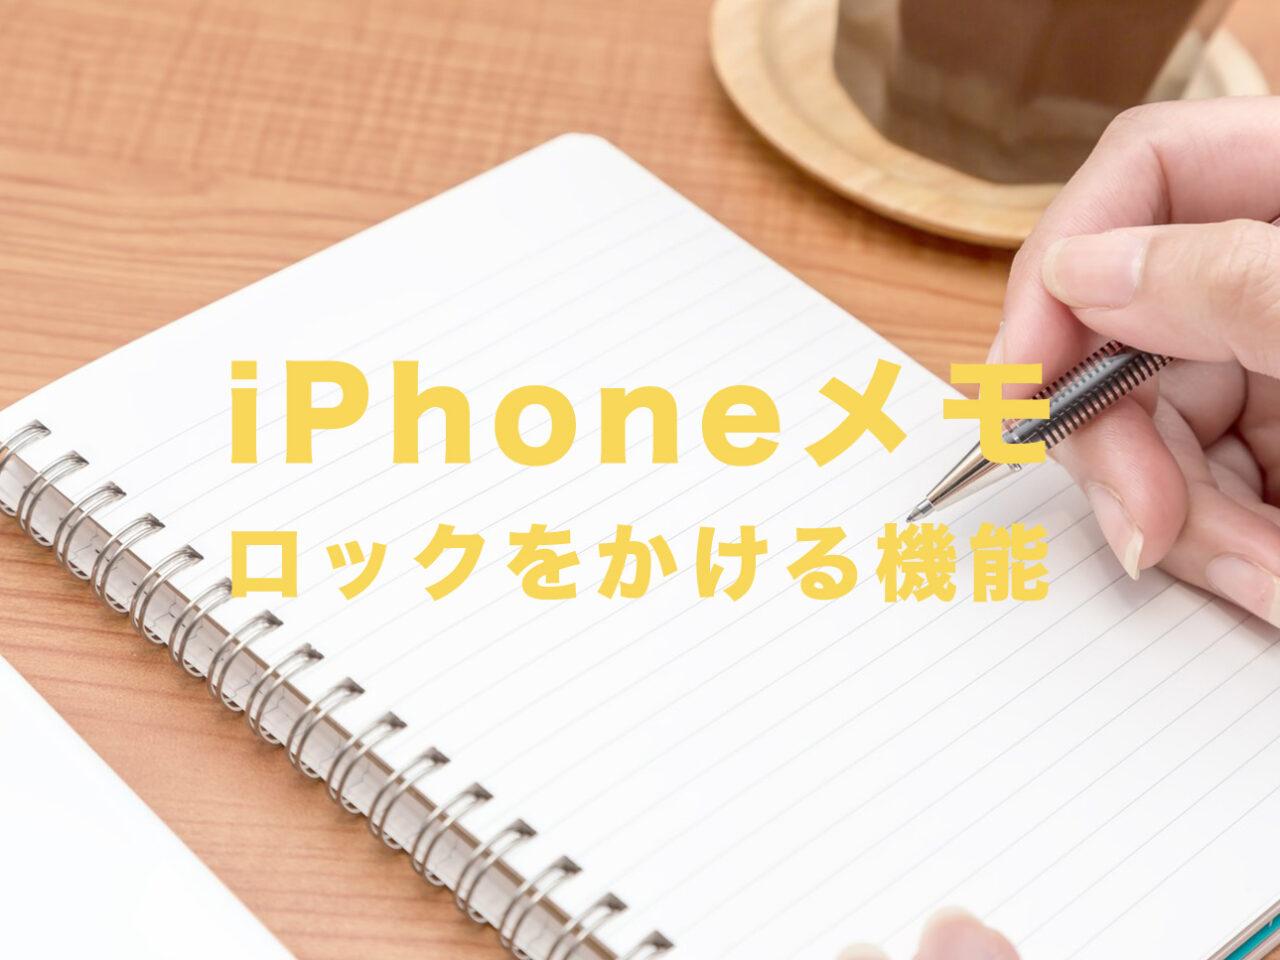 iPhoneのメモアプリで鍵(ロック)をかけるやり方を解説!のサムネイル画像